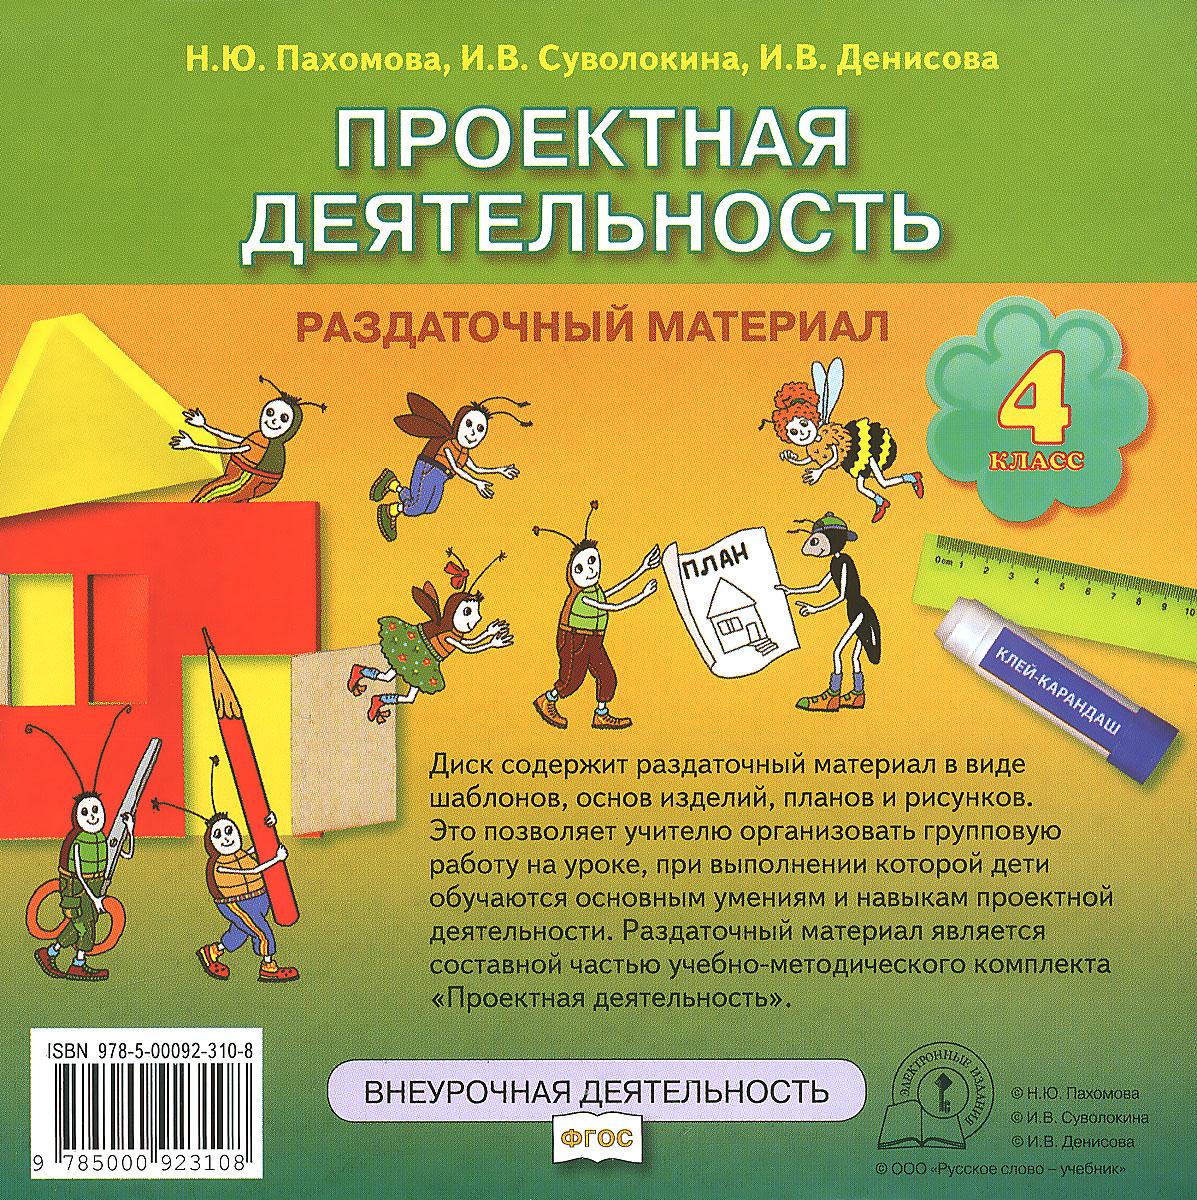 Проектная деятельность. 4 класс. Раздаточный материал (CD-ROM), Н. Ю. Пахомова, И. В. Суволокина, И. В. Денисова